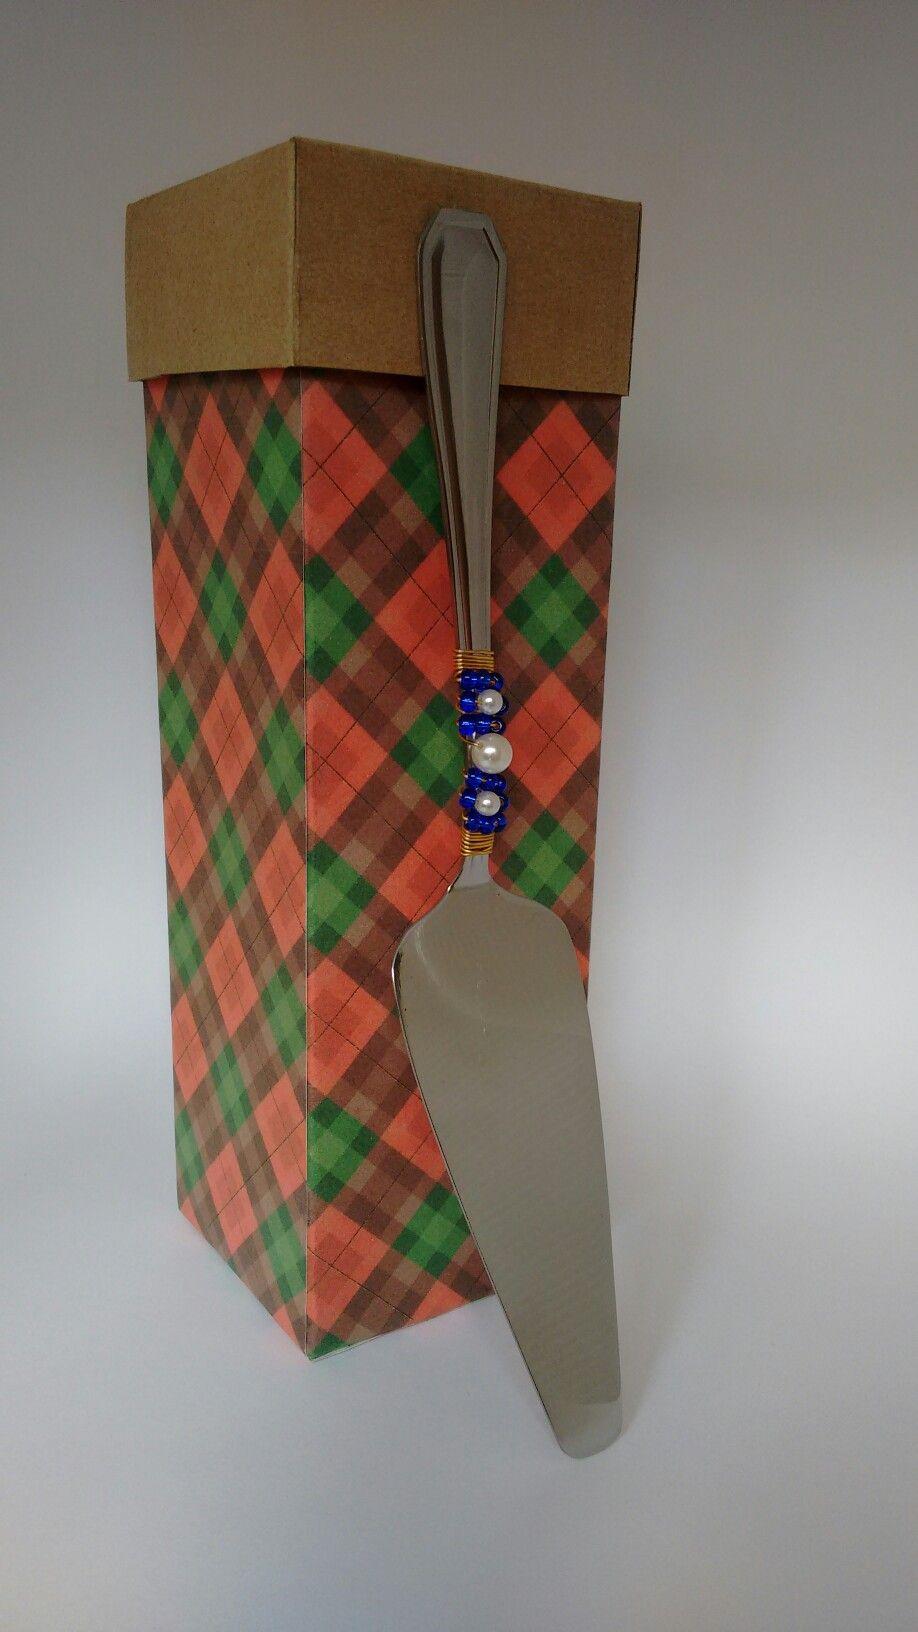 Caixa pra presente feita de embalagem tetrapak de suco encapada com papel de scrapbook.Na tampa utilizei papel craft com gramatura q se usa para fazer caixa #reciclagem #embalagem #tetrapak #scrapbook #presente #caixa